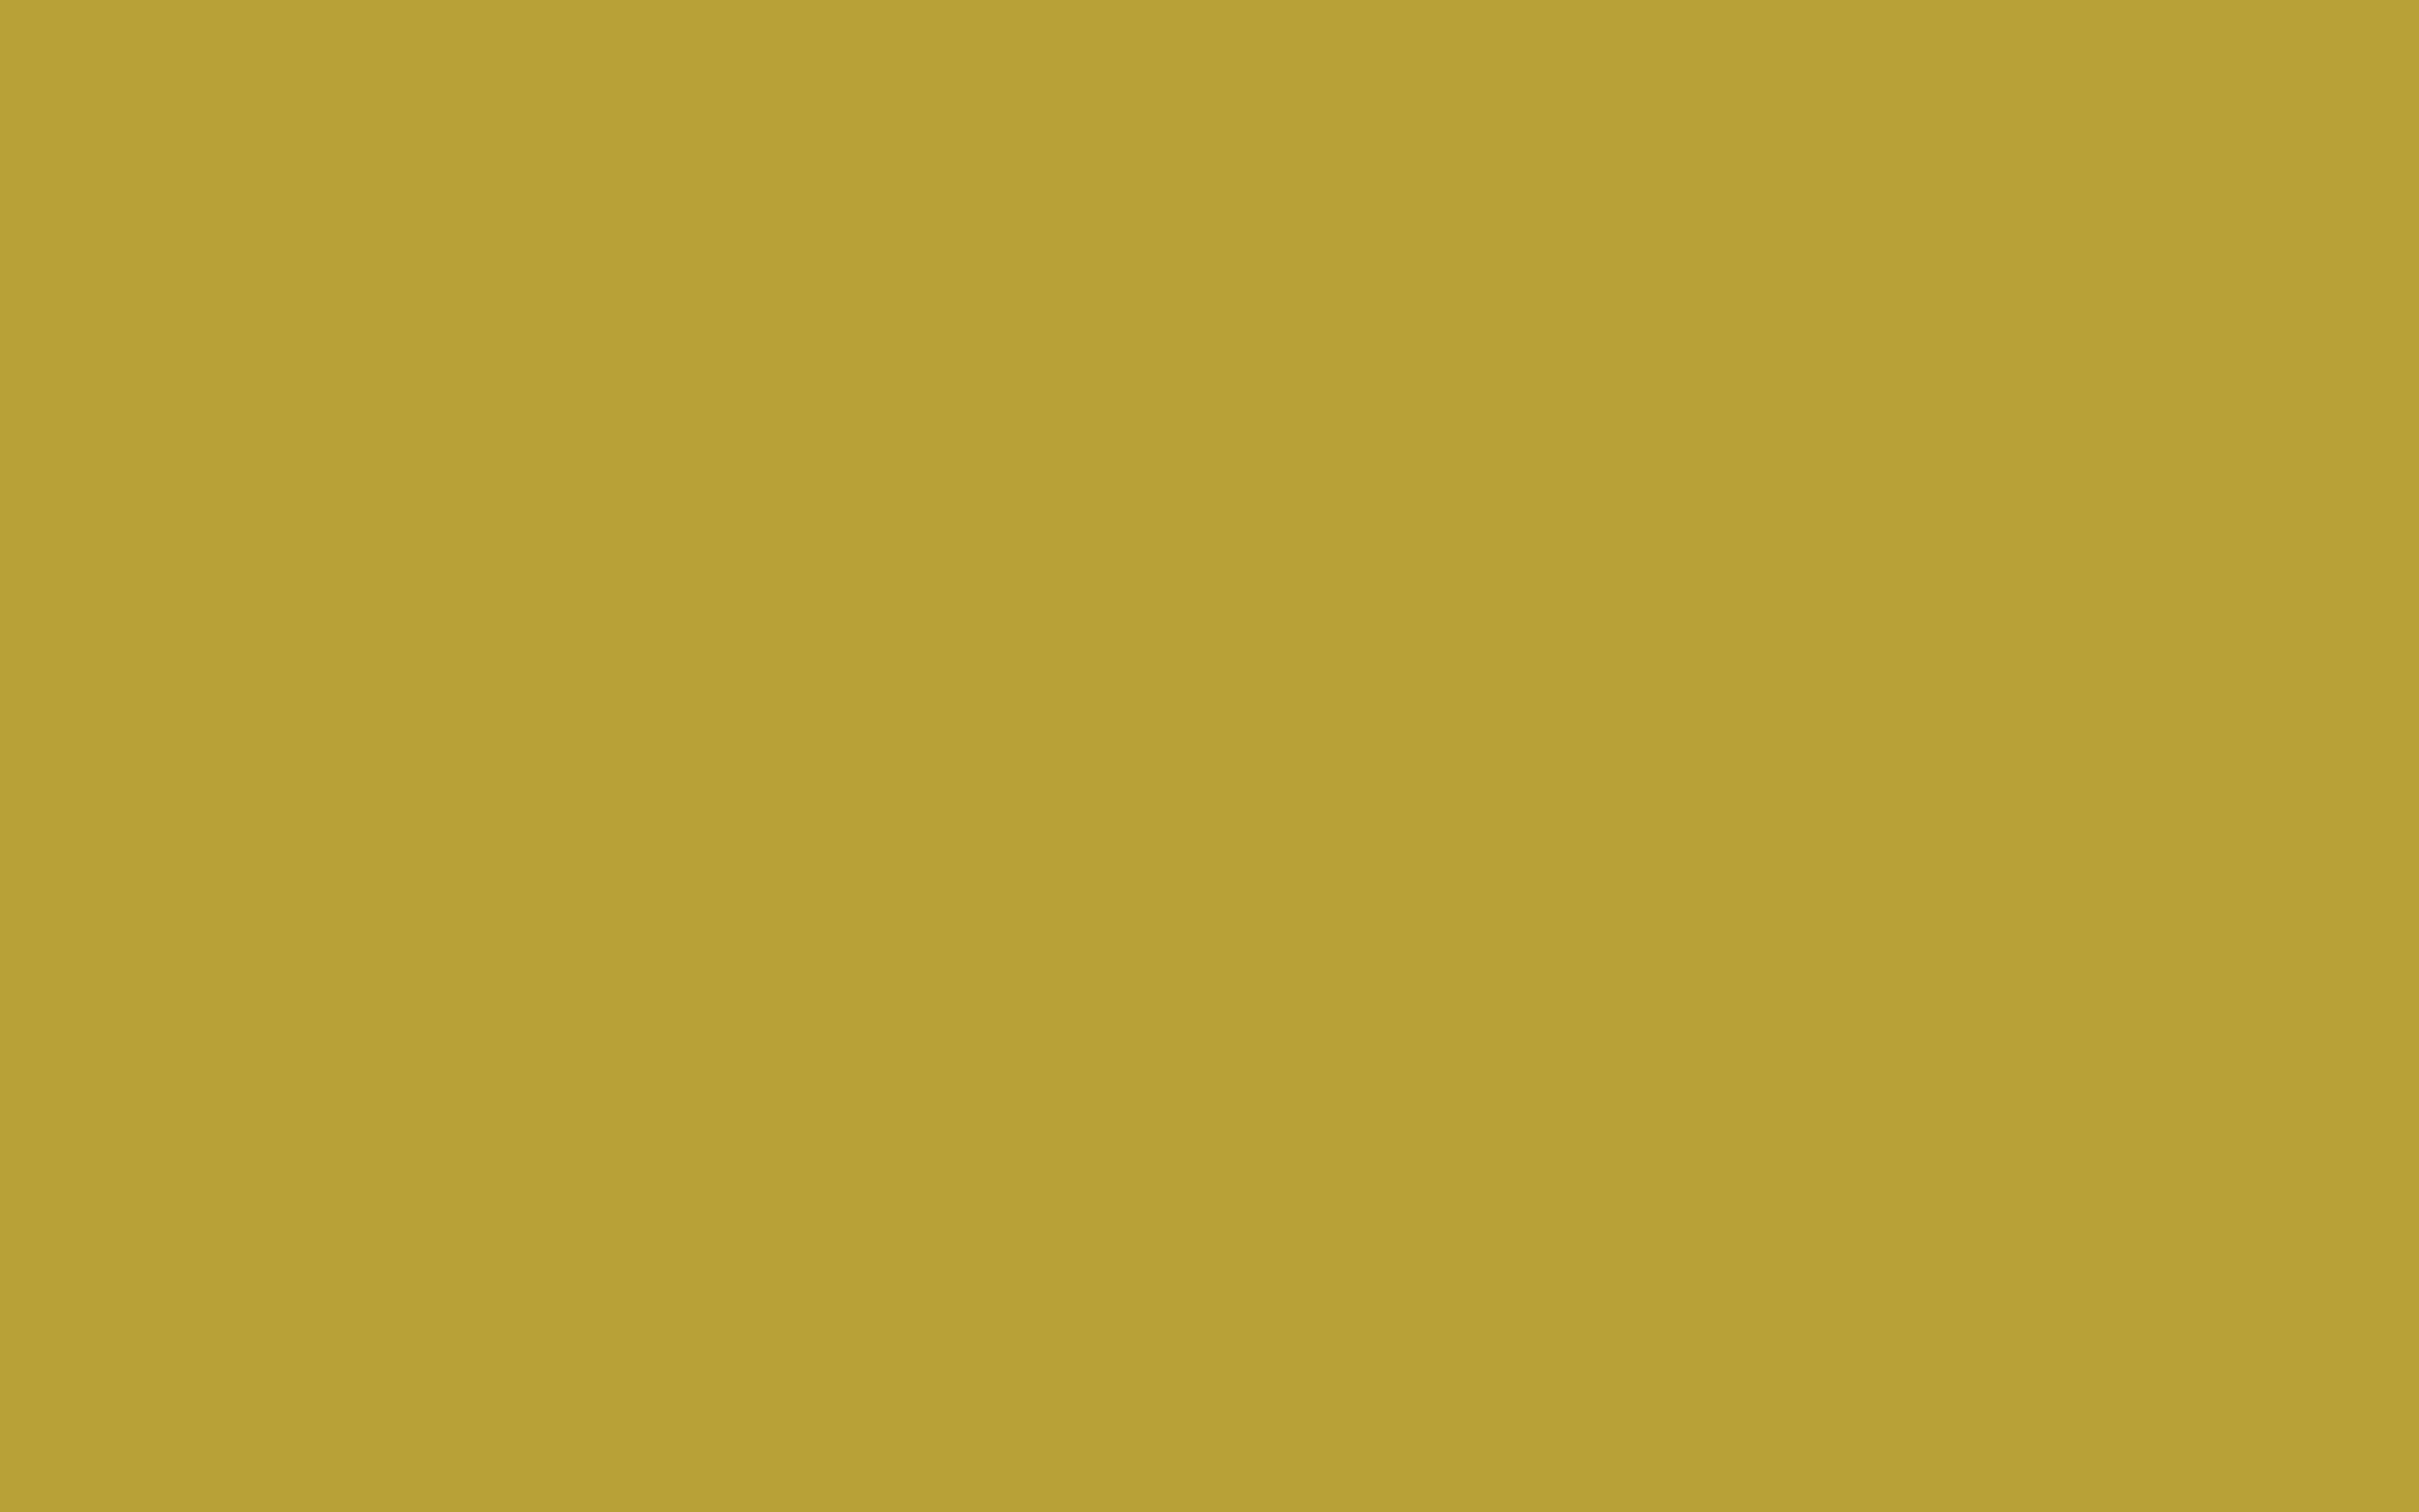 Das Olivgrün. Grüngelb oder gelbgrün? Ein Klassiker.